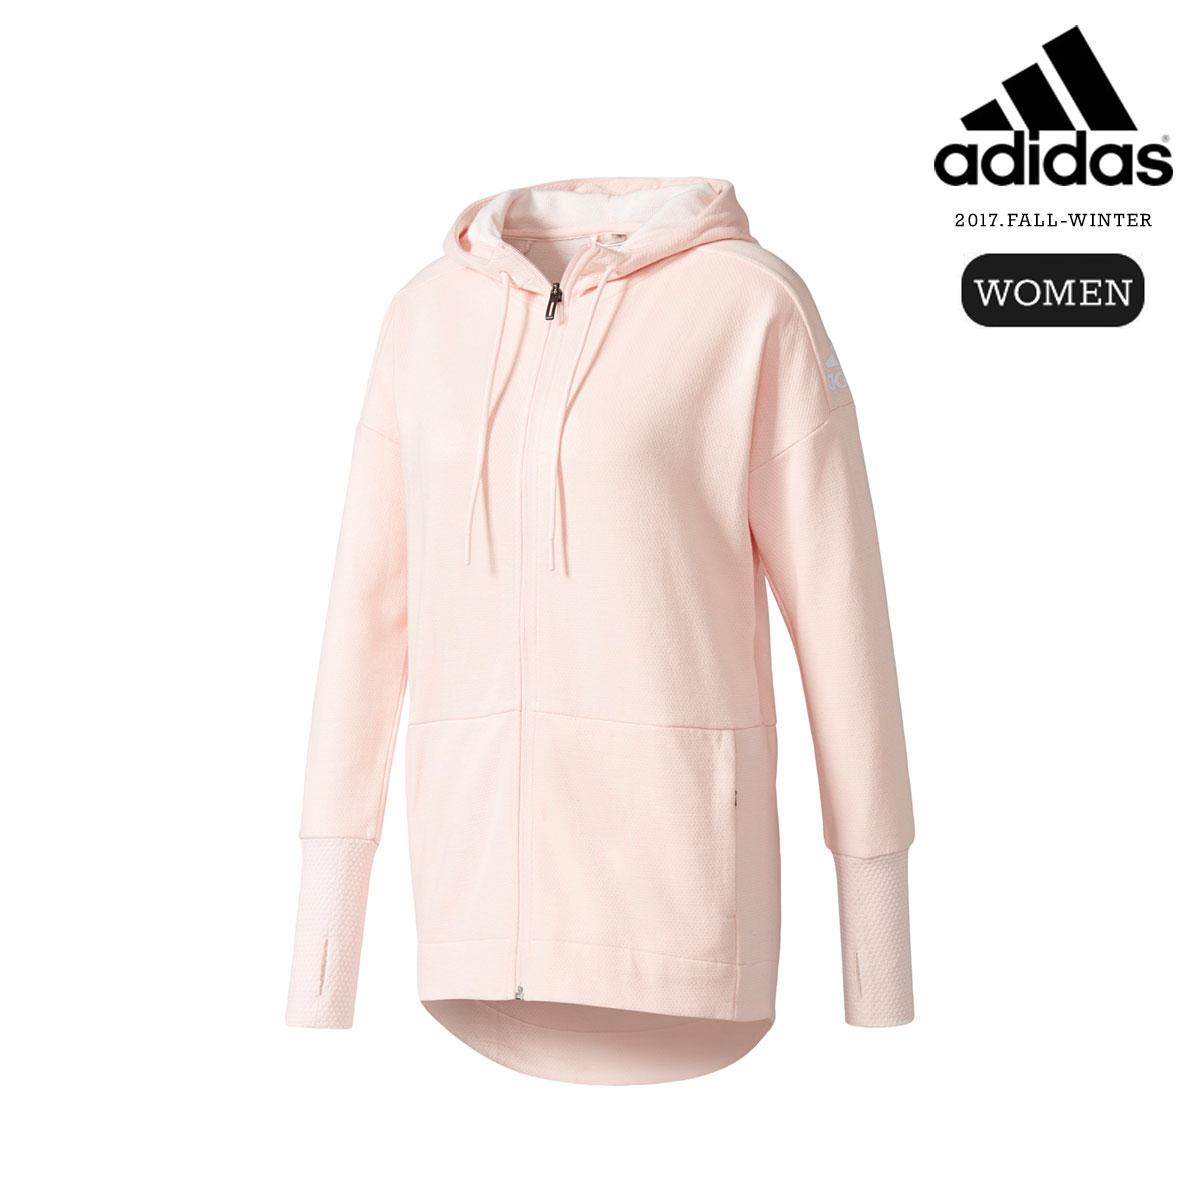 adidas hoodie 2017